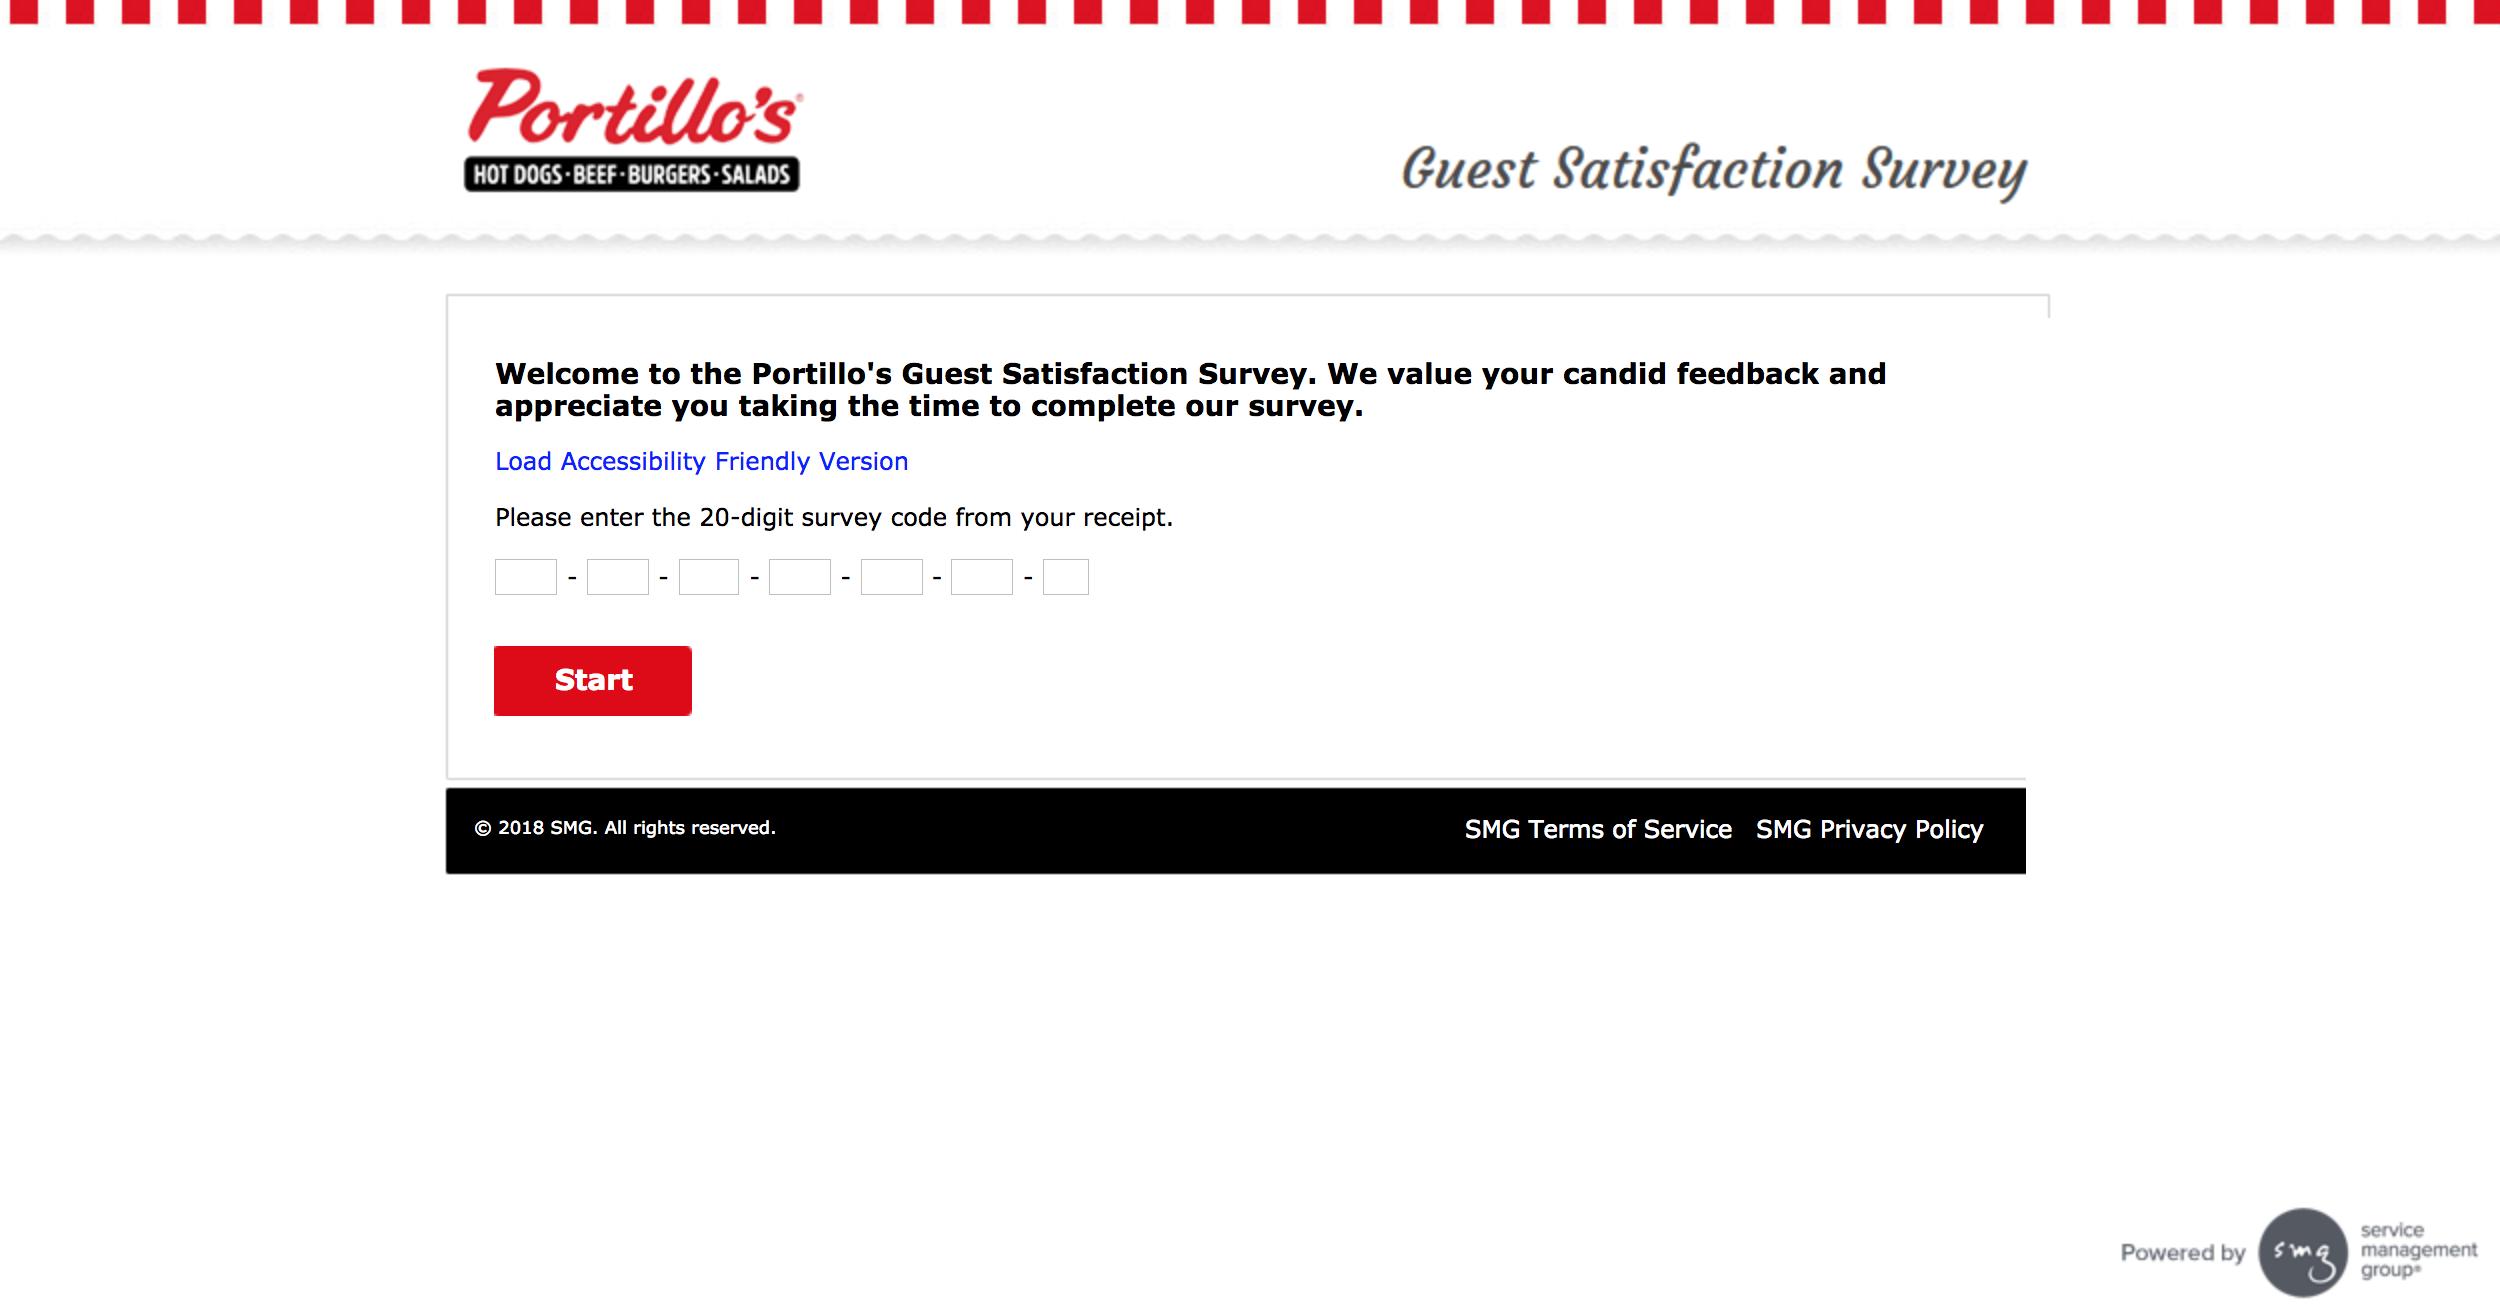 portillos.com/survey